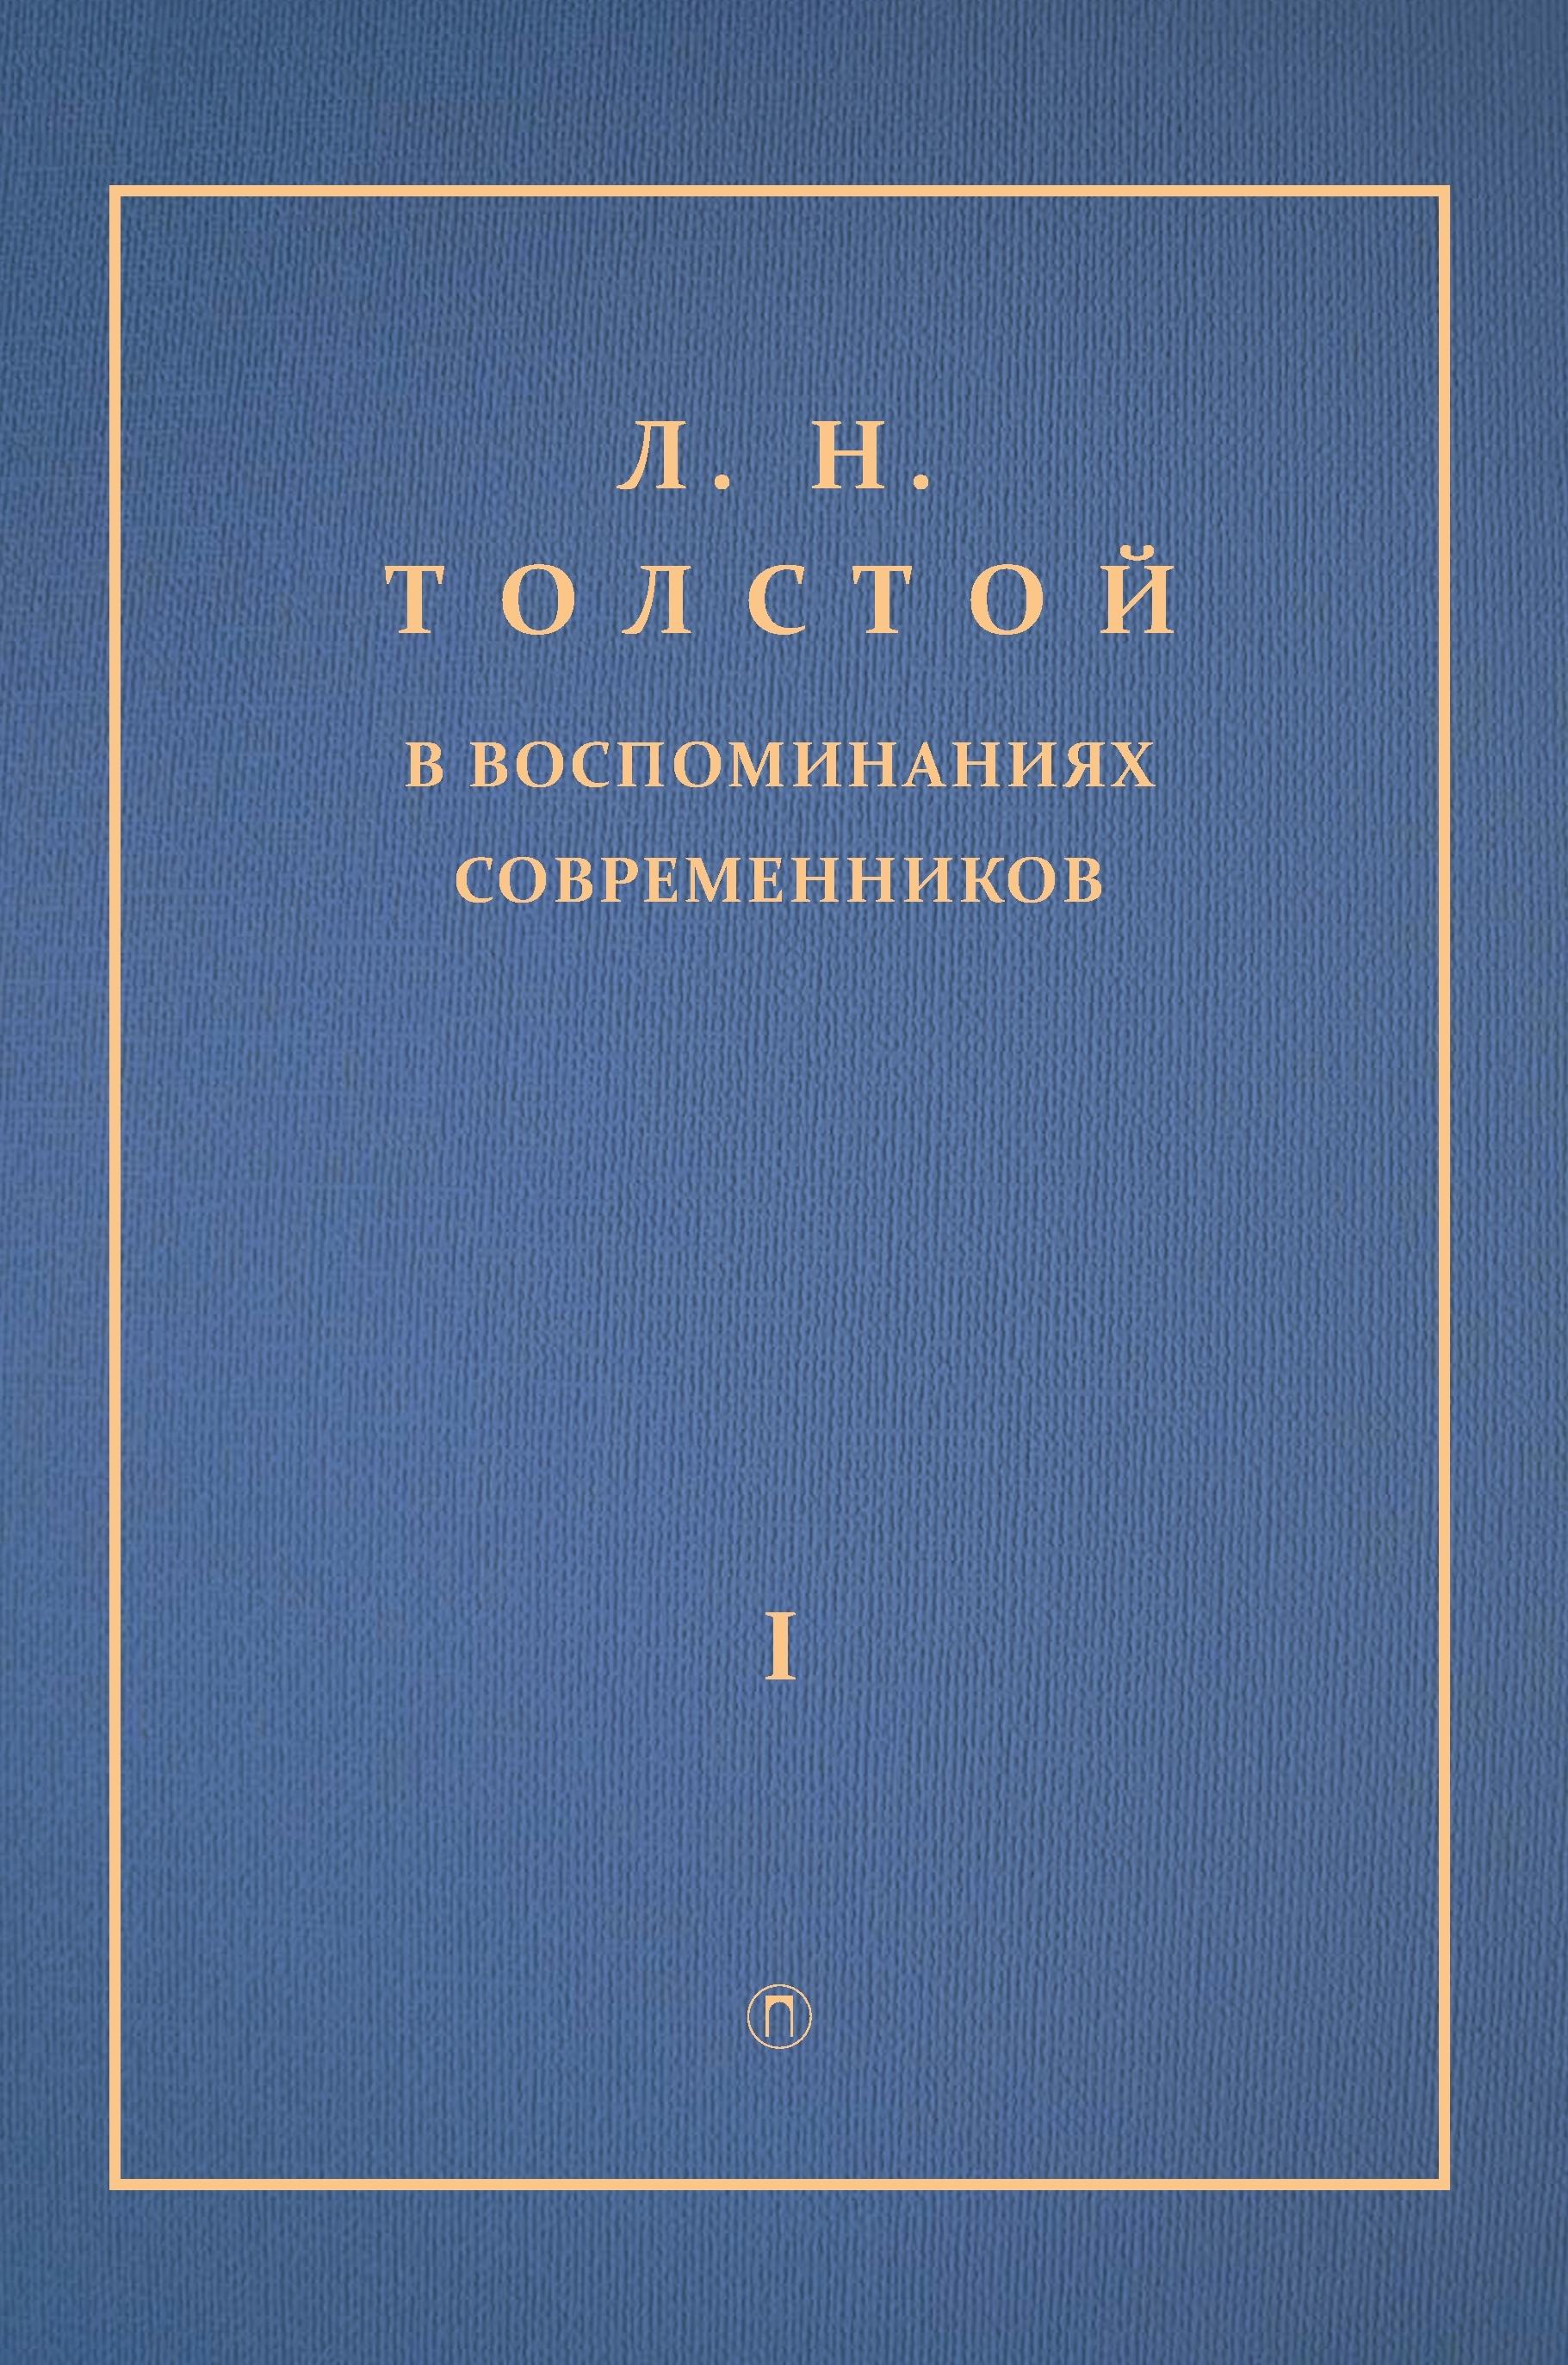 Сборник Л. Н. Толстой в воспоминаниях современников. Том 1 в к харченко дневники с н есина синергетика жанра